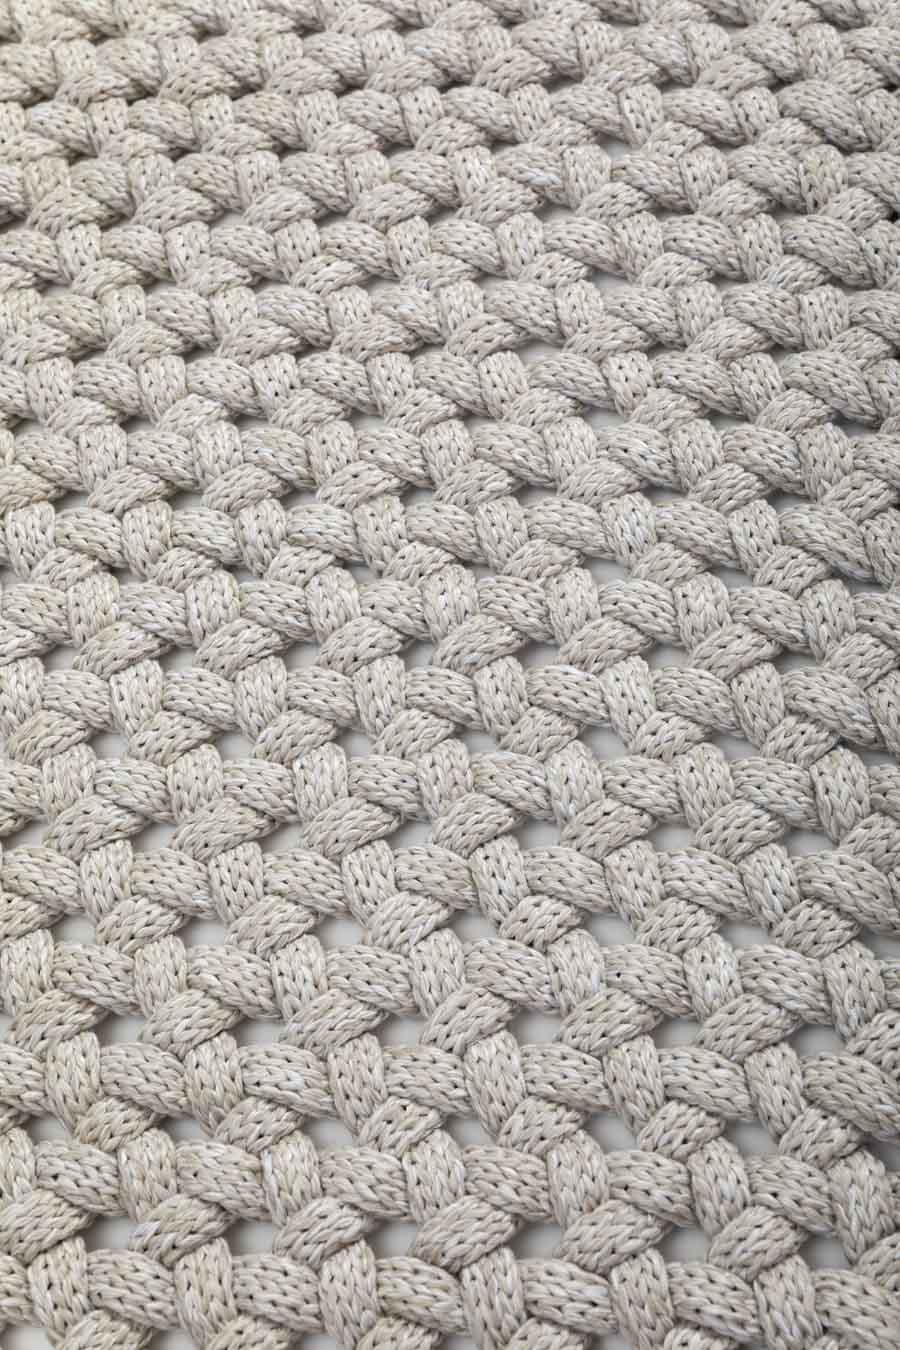 unpizzo.tappeto50x150.dettaglio1.jpg